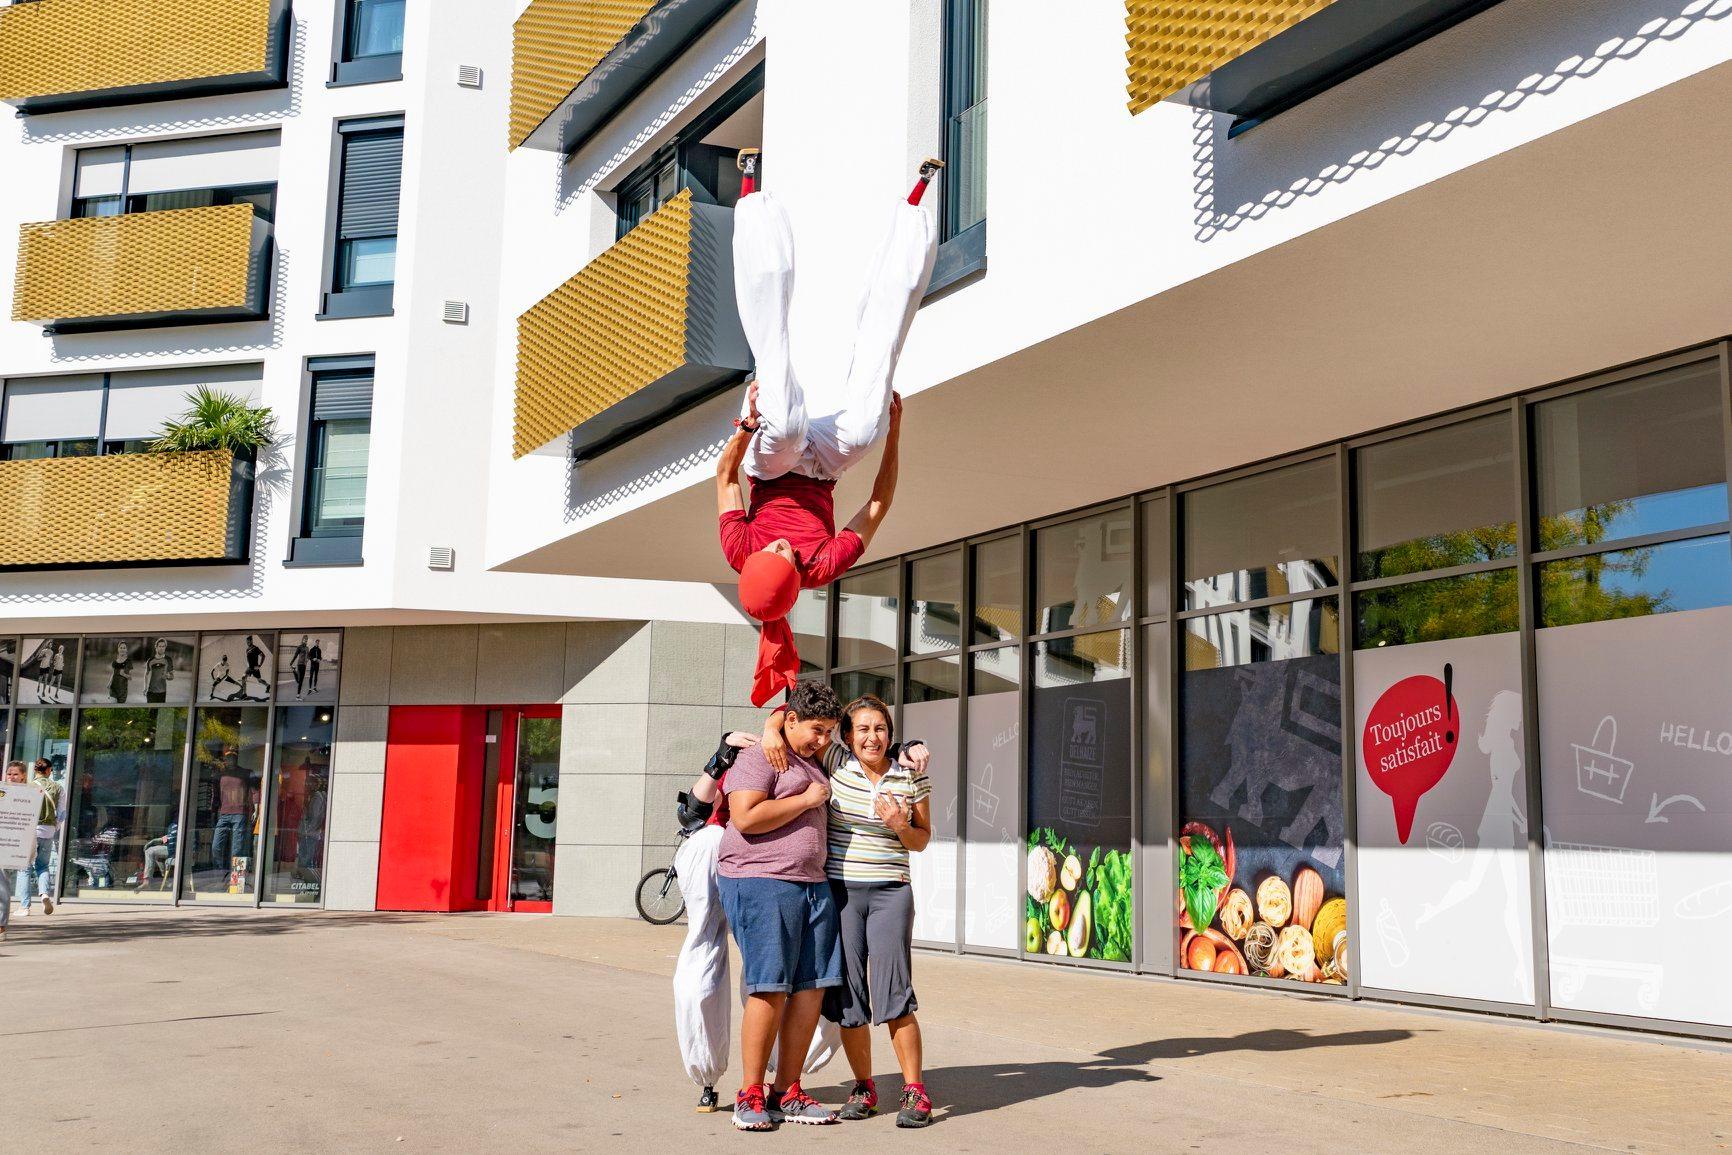 Shine a light agence évènementielle luxembourg - créateur d'expériences immersives - Activation Grand Public Ville de Dudelange